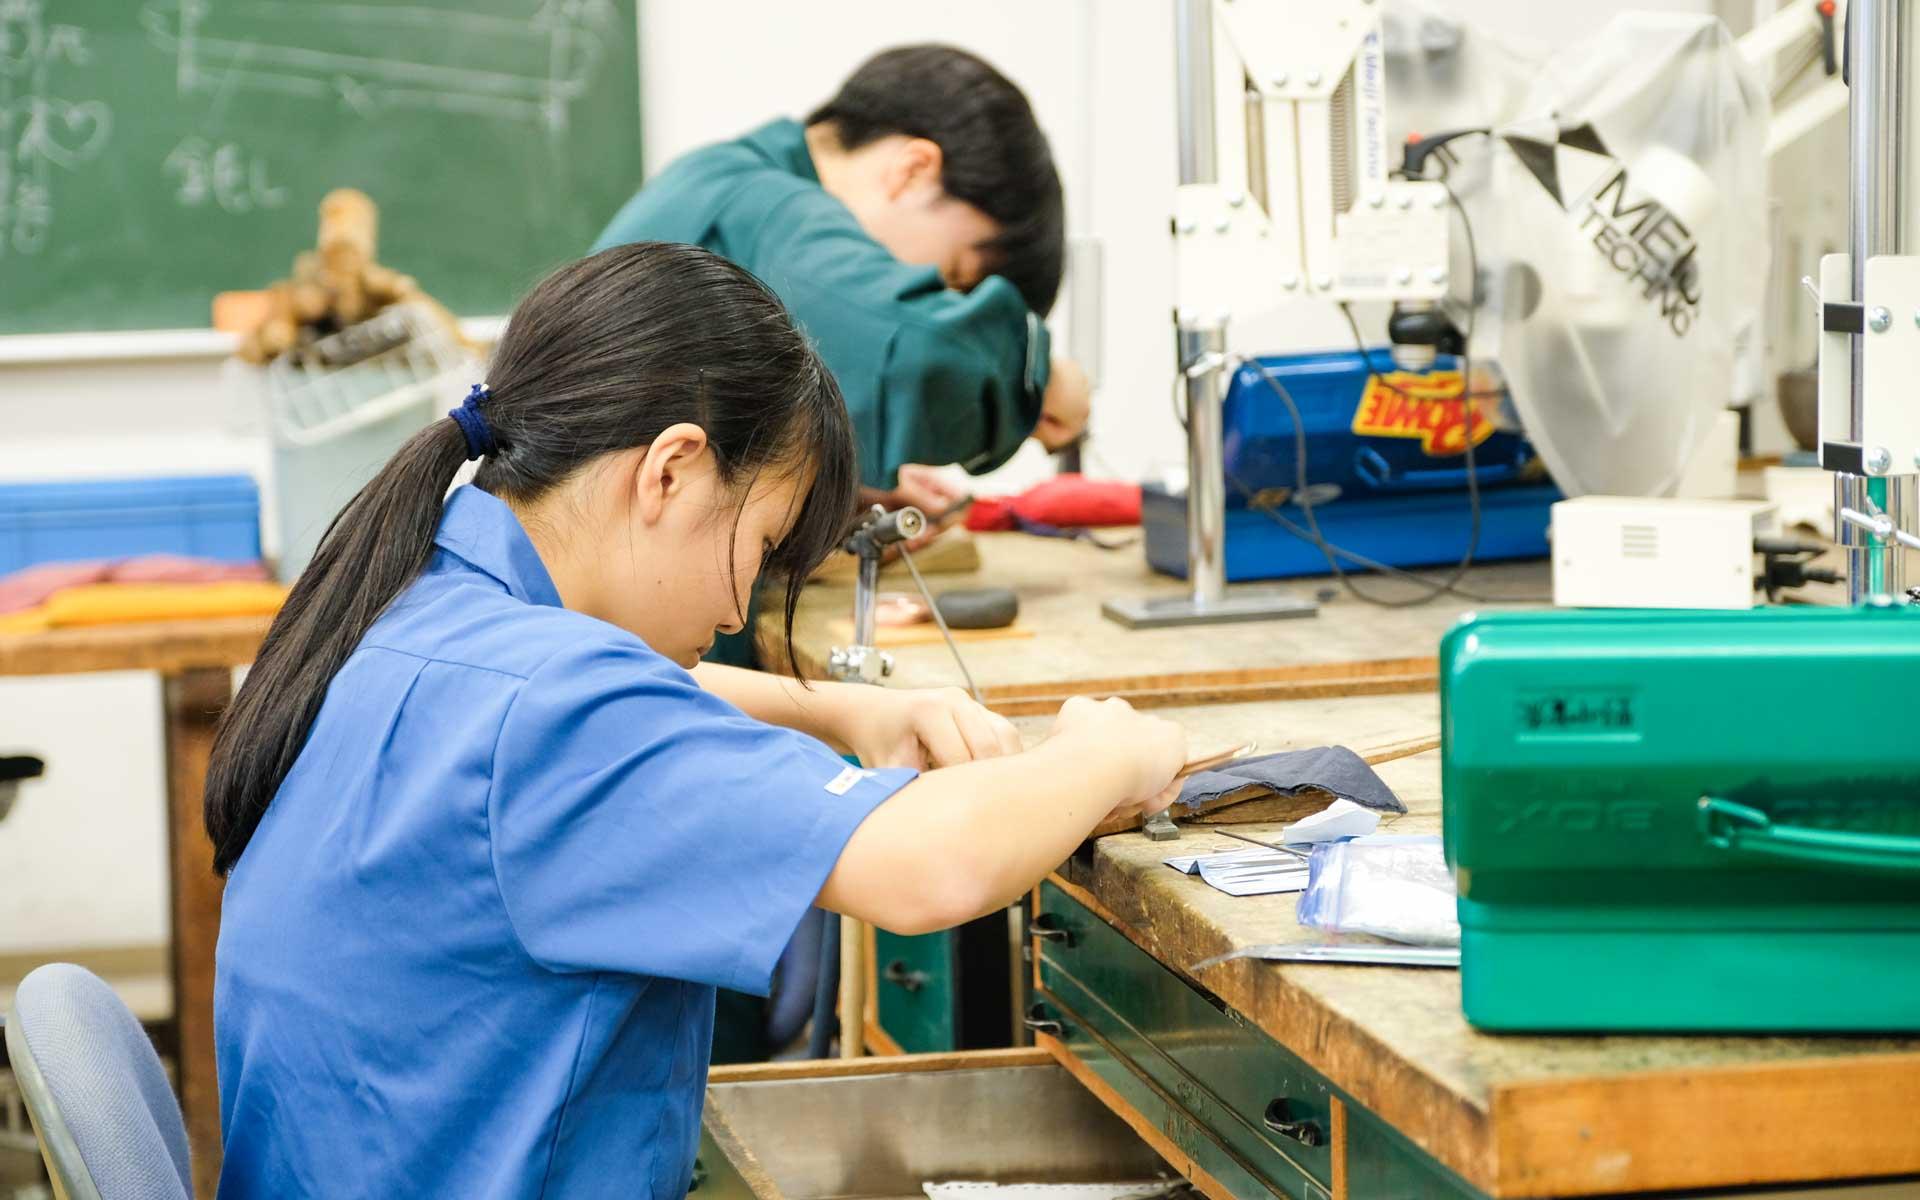 都立工芸高校では何が学べるのか。授業や学校生活、卒業後の進路を聞いた